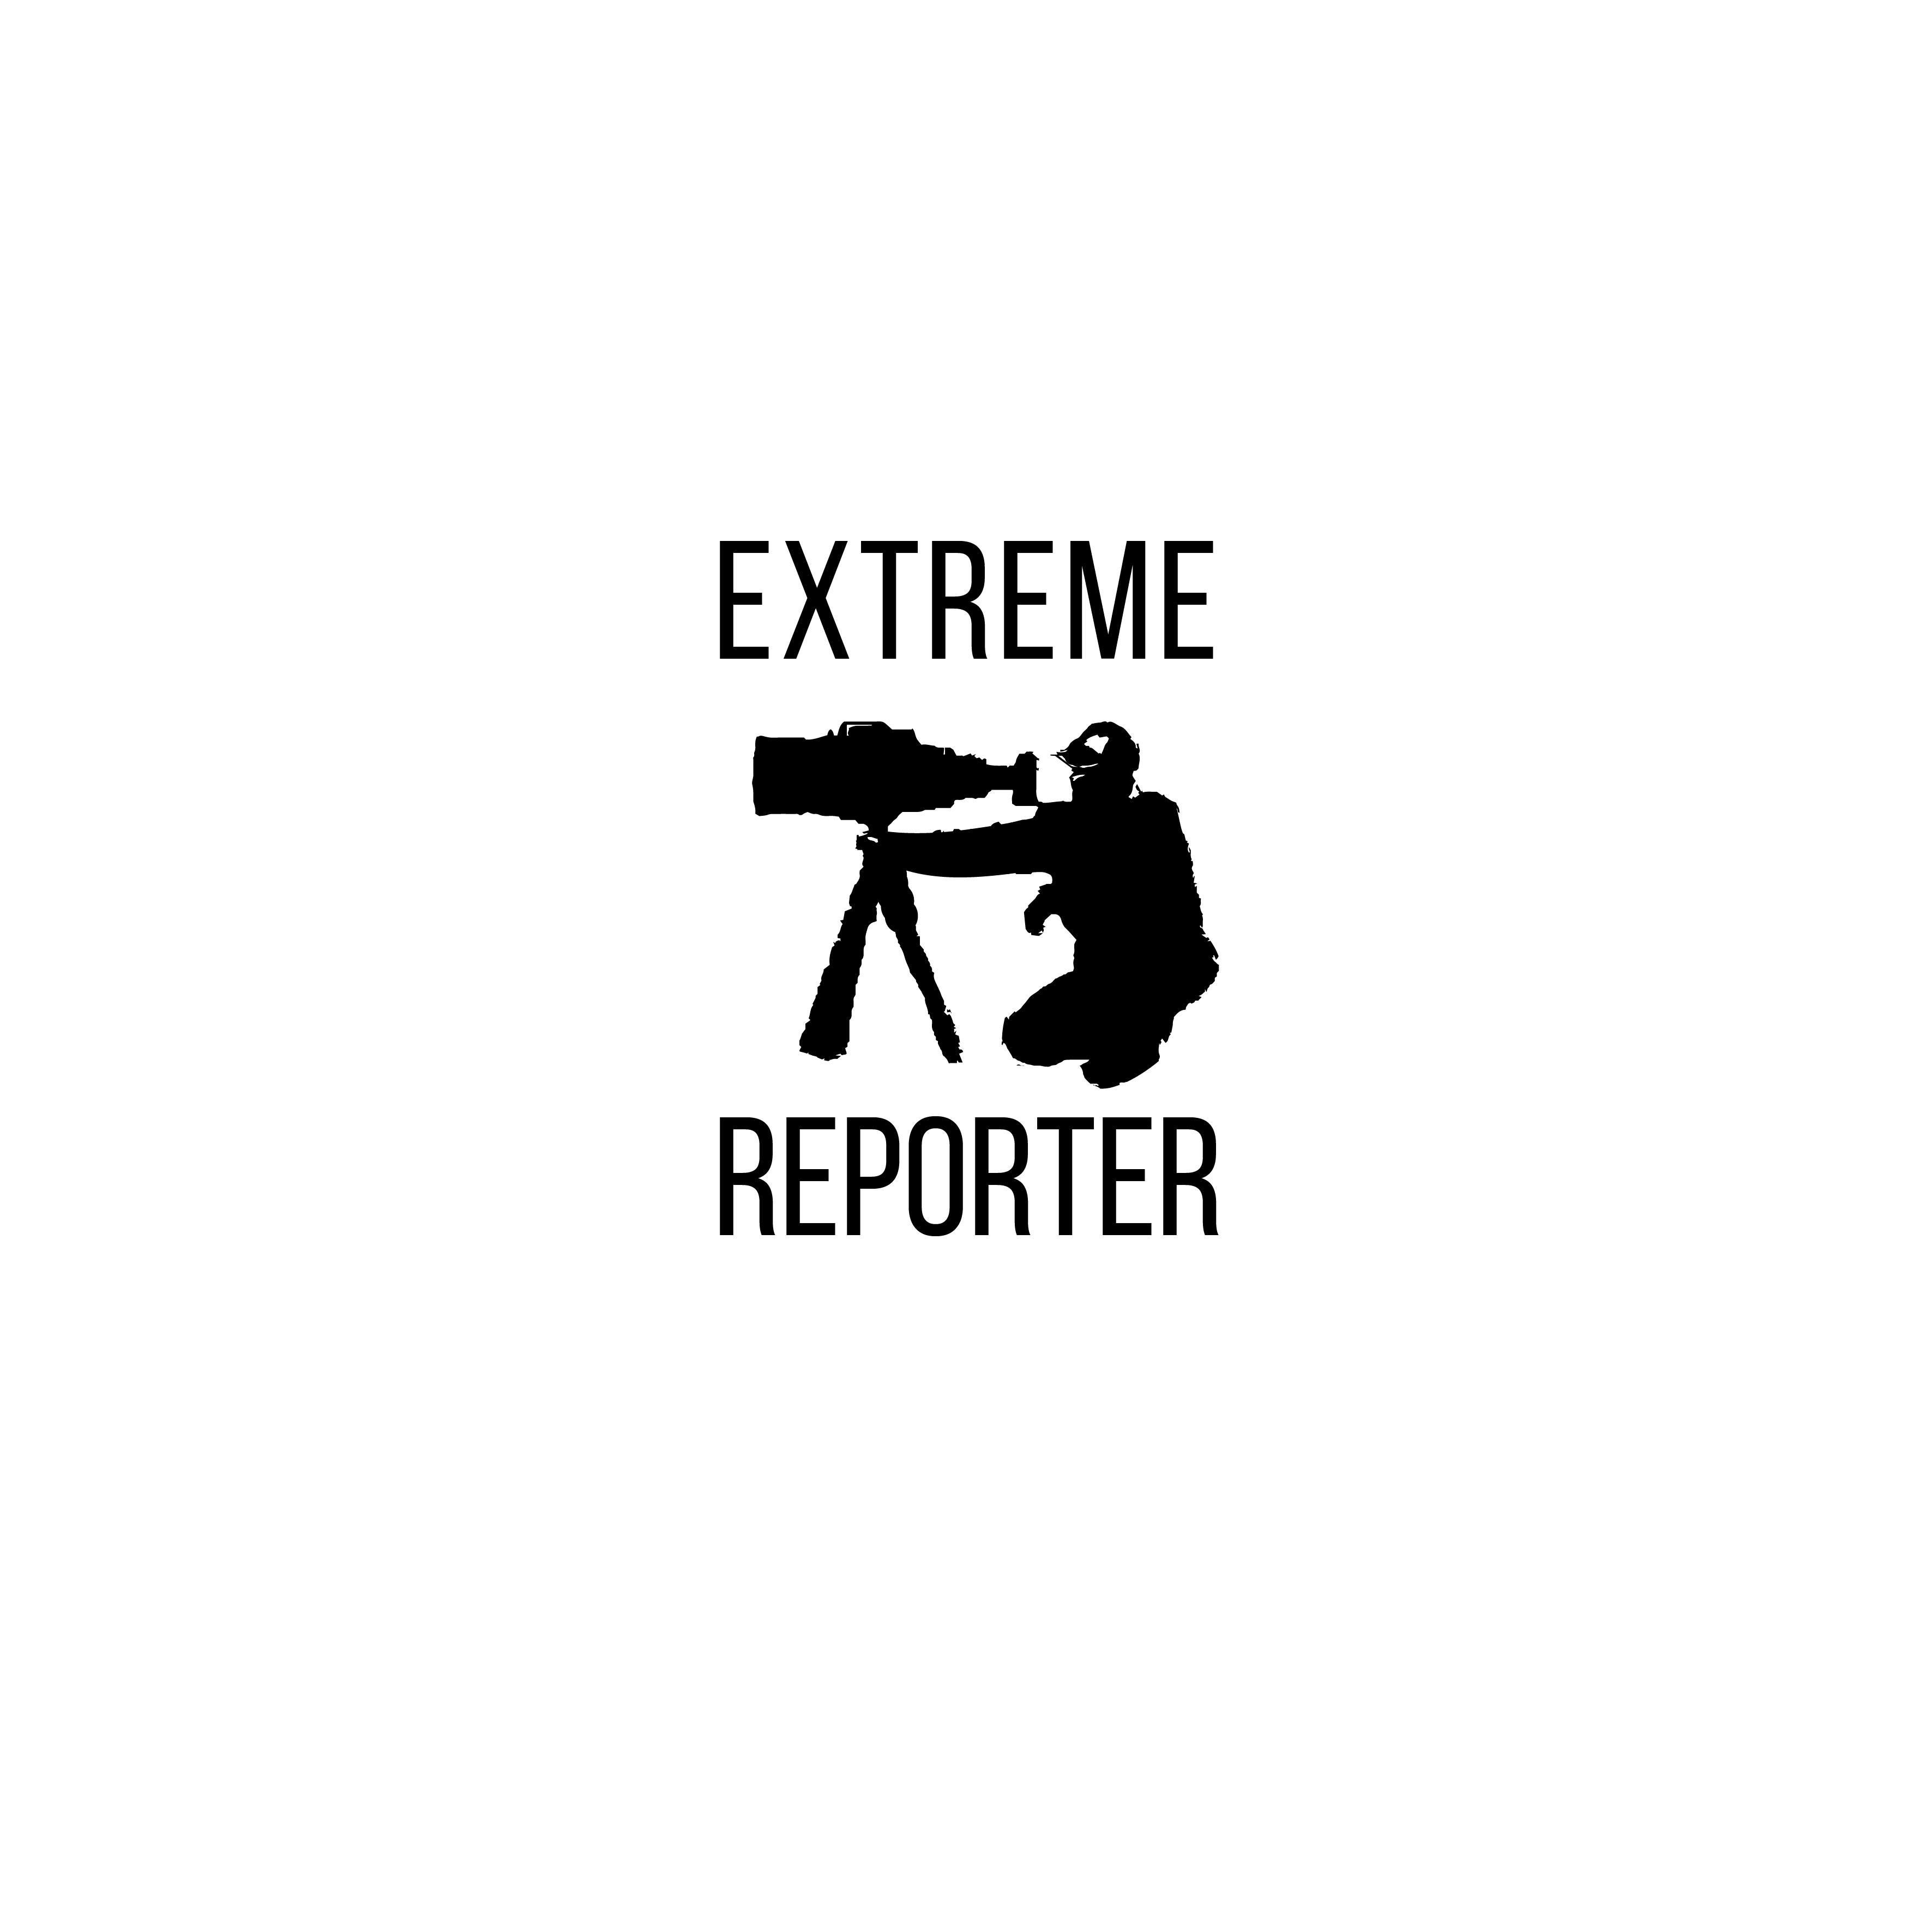 Логотип для экстрим фотографа.  фото f_7005a52320d26315.jpg